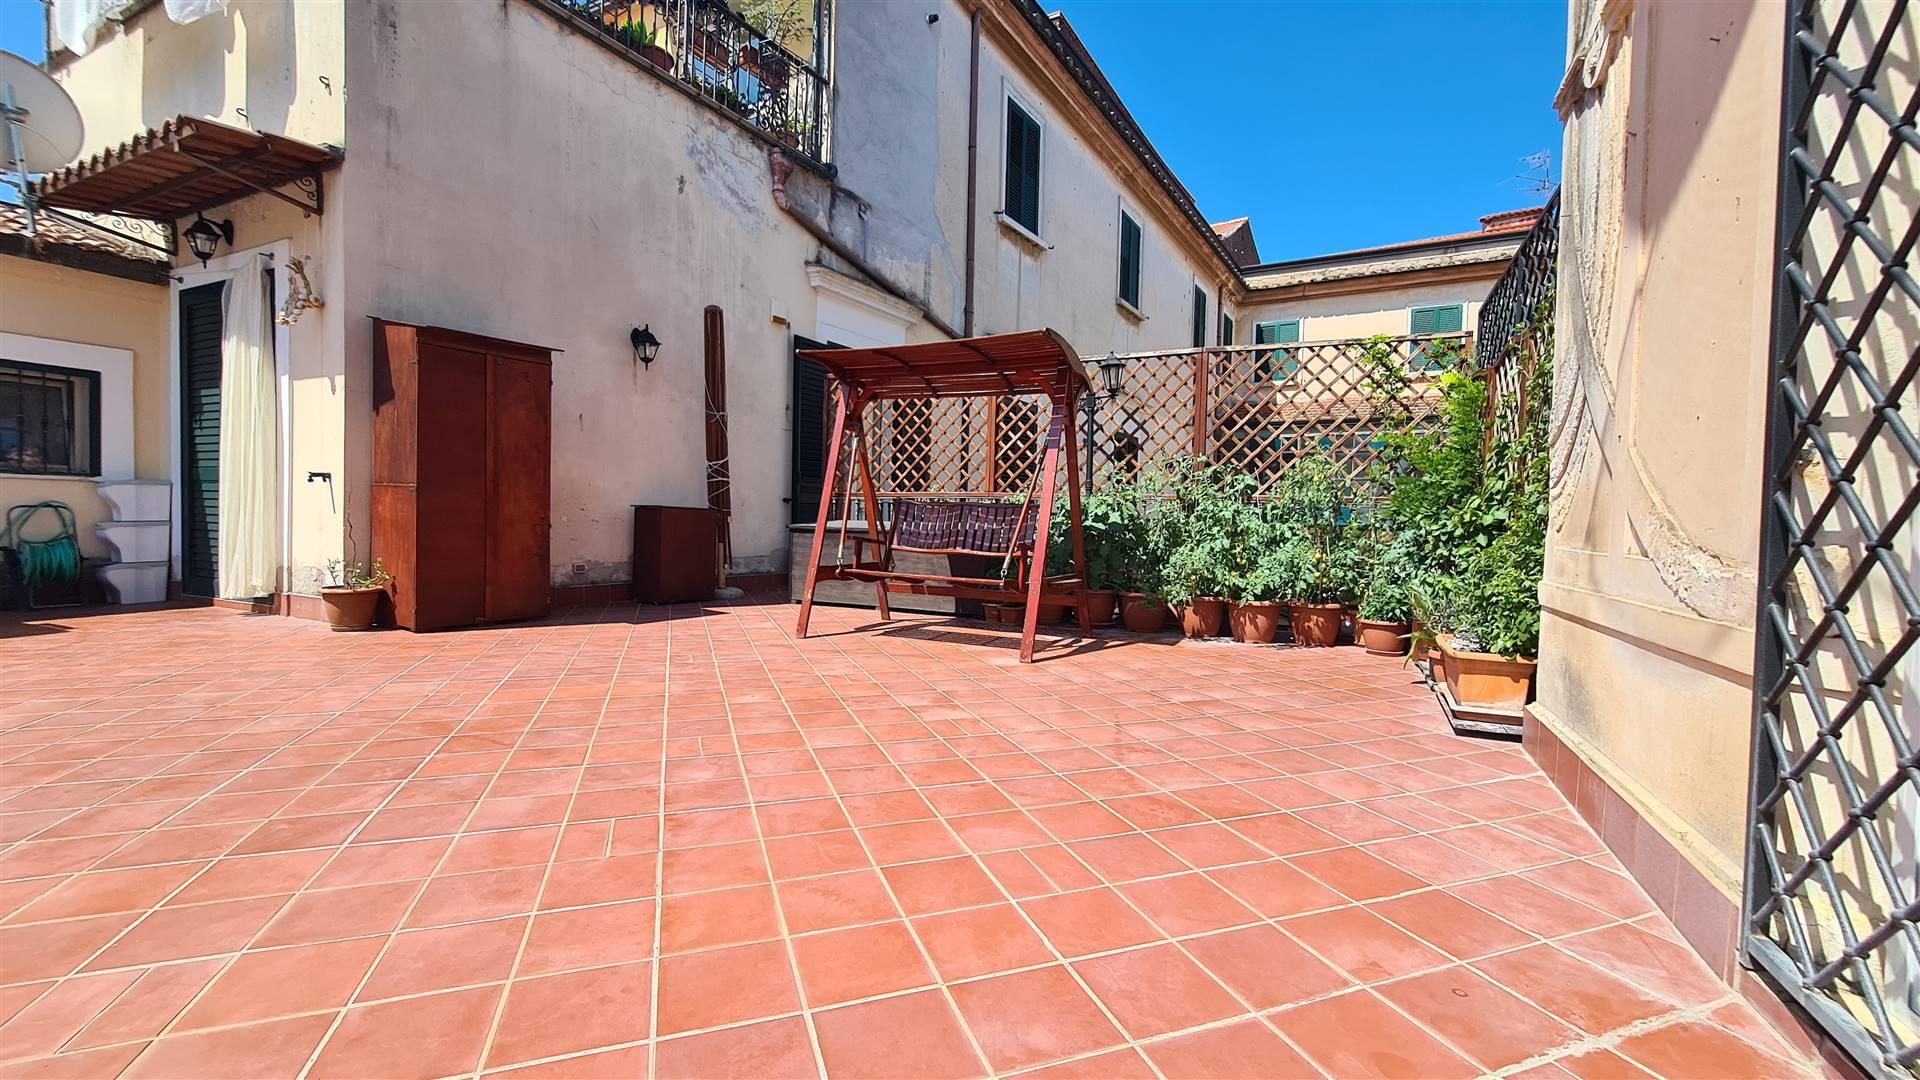 AV973-Appartamento-SANTA-MARIA-CAPUA-VETERE-Via-Roma